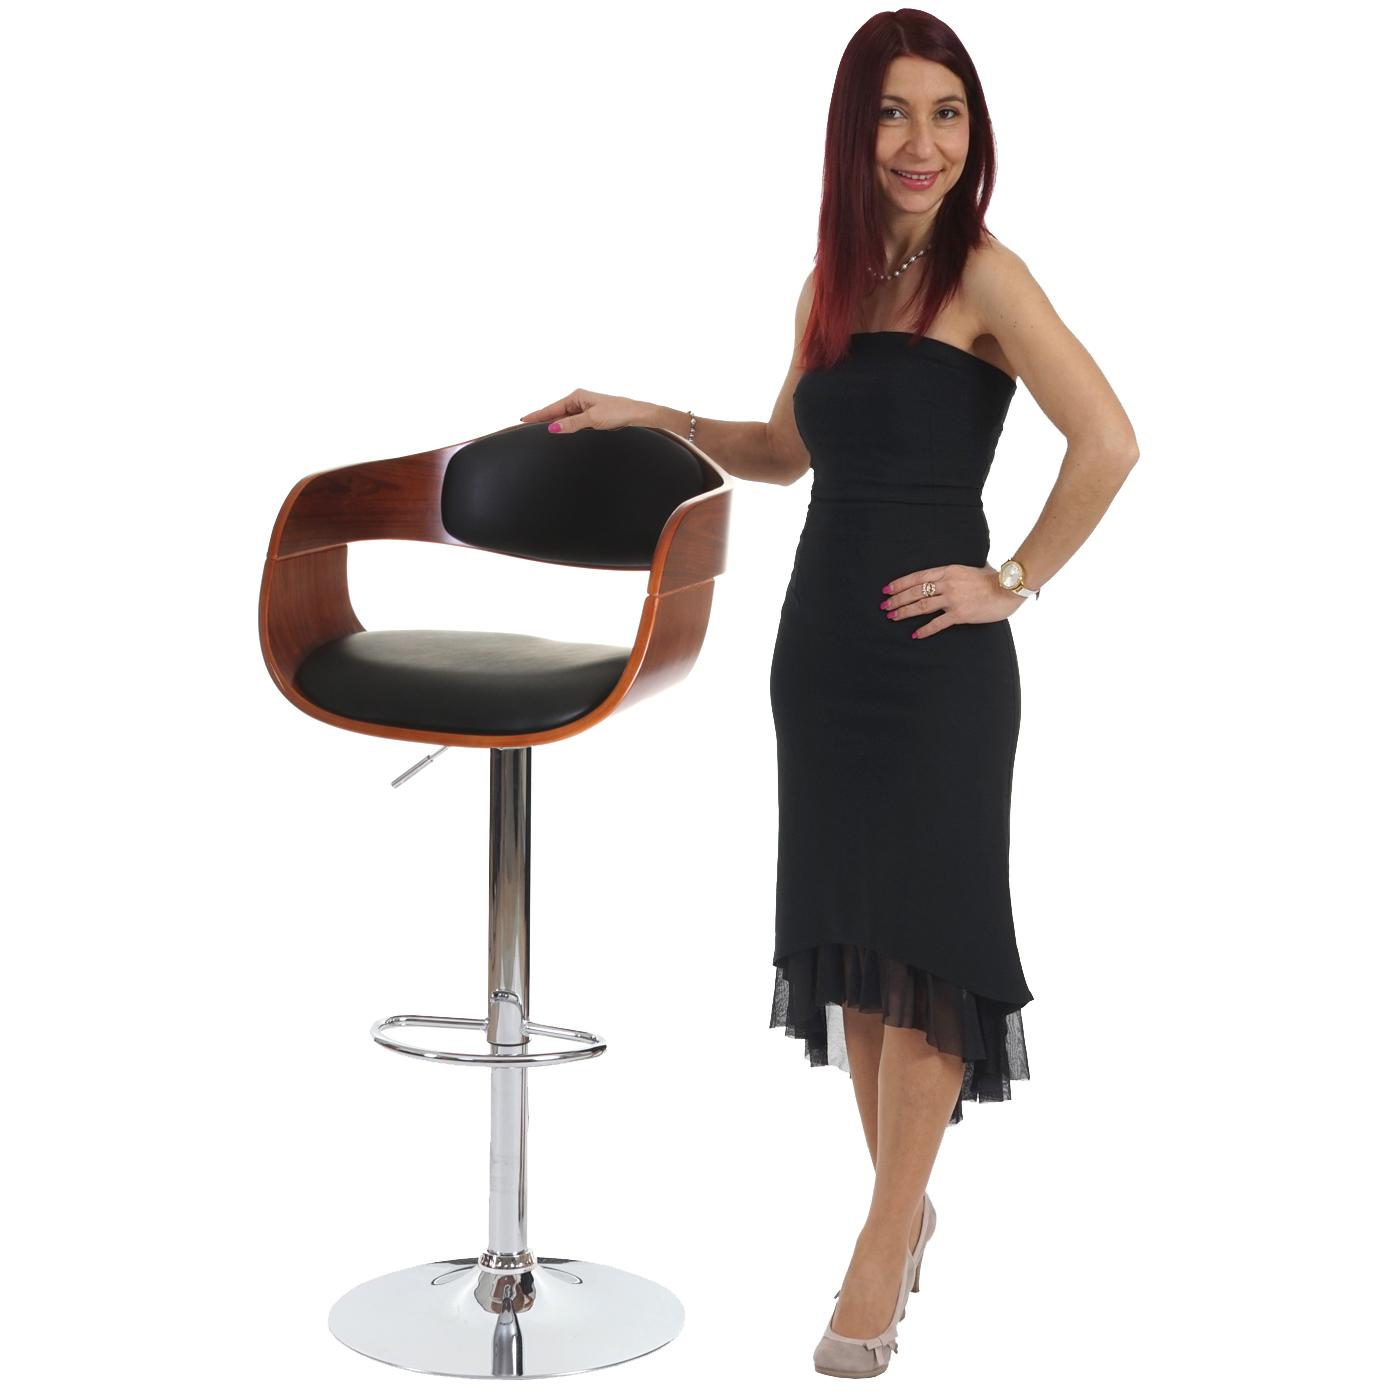 barhocker hwc a47 barstuhl holz bugholz retro design walnuss optik kunstleder schwarz. Black Bedroom Furniture Sets. Home Design Ideas